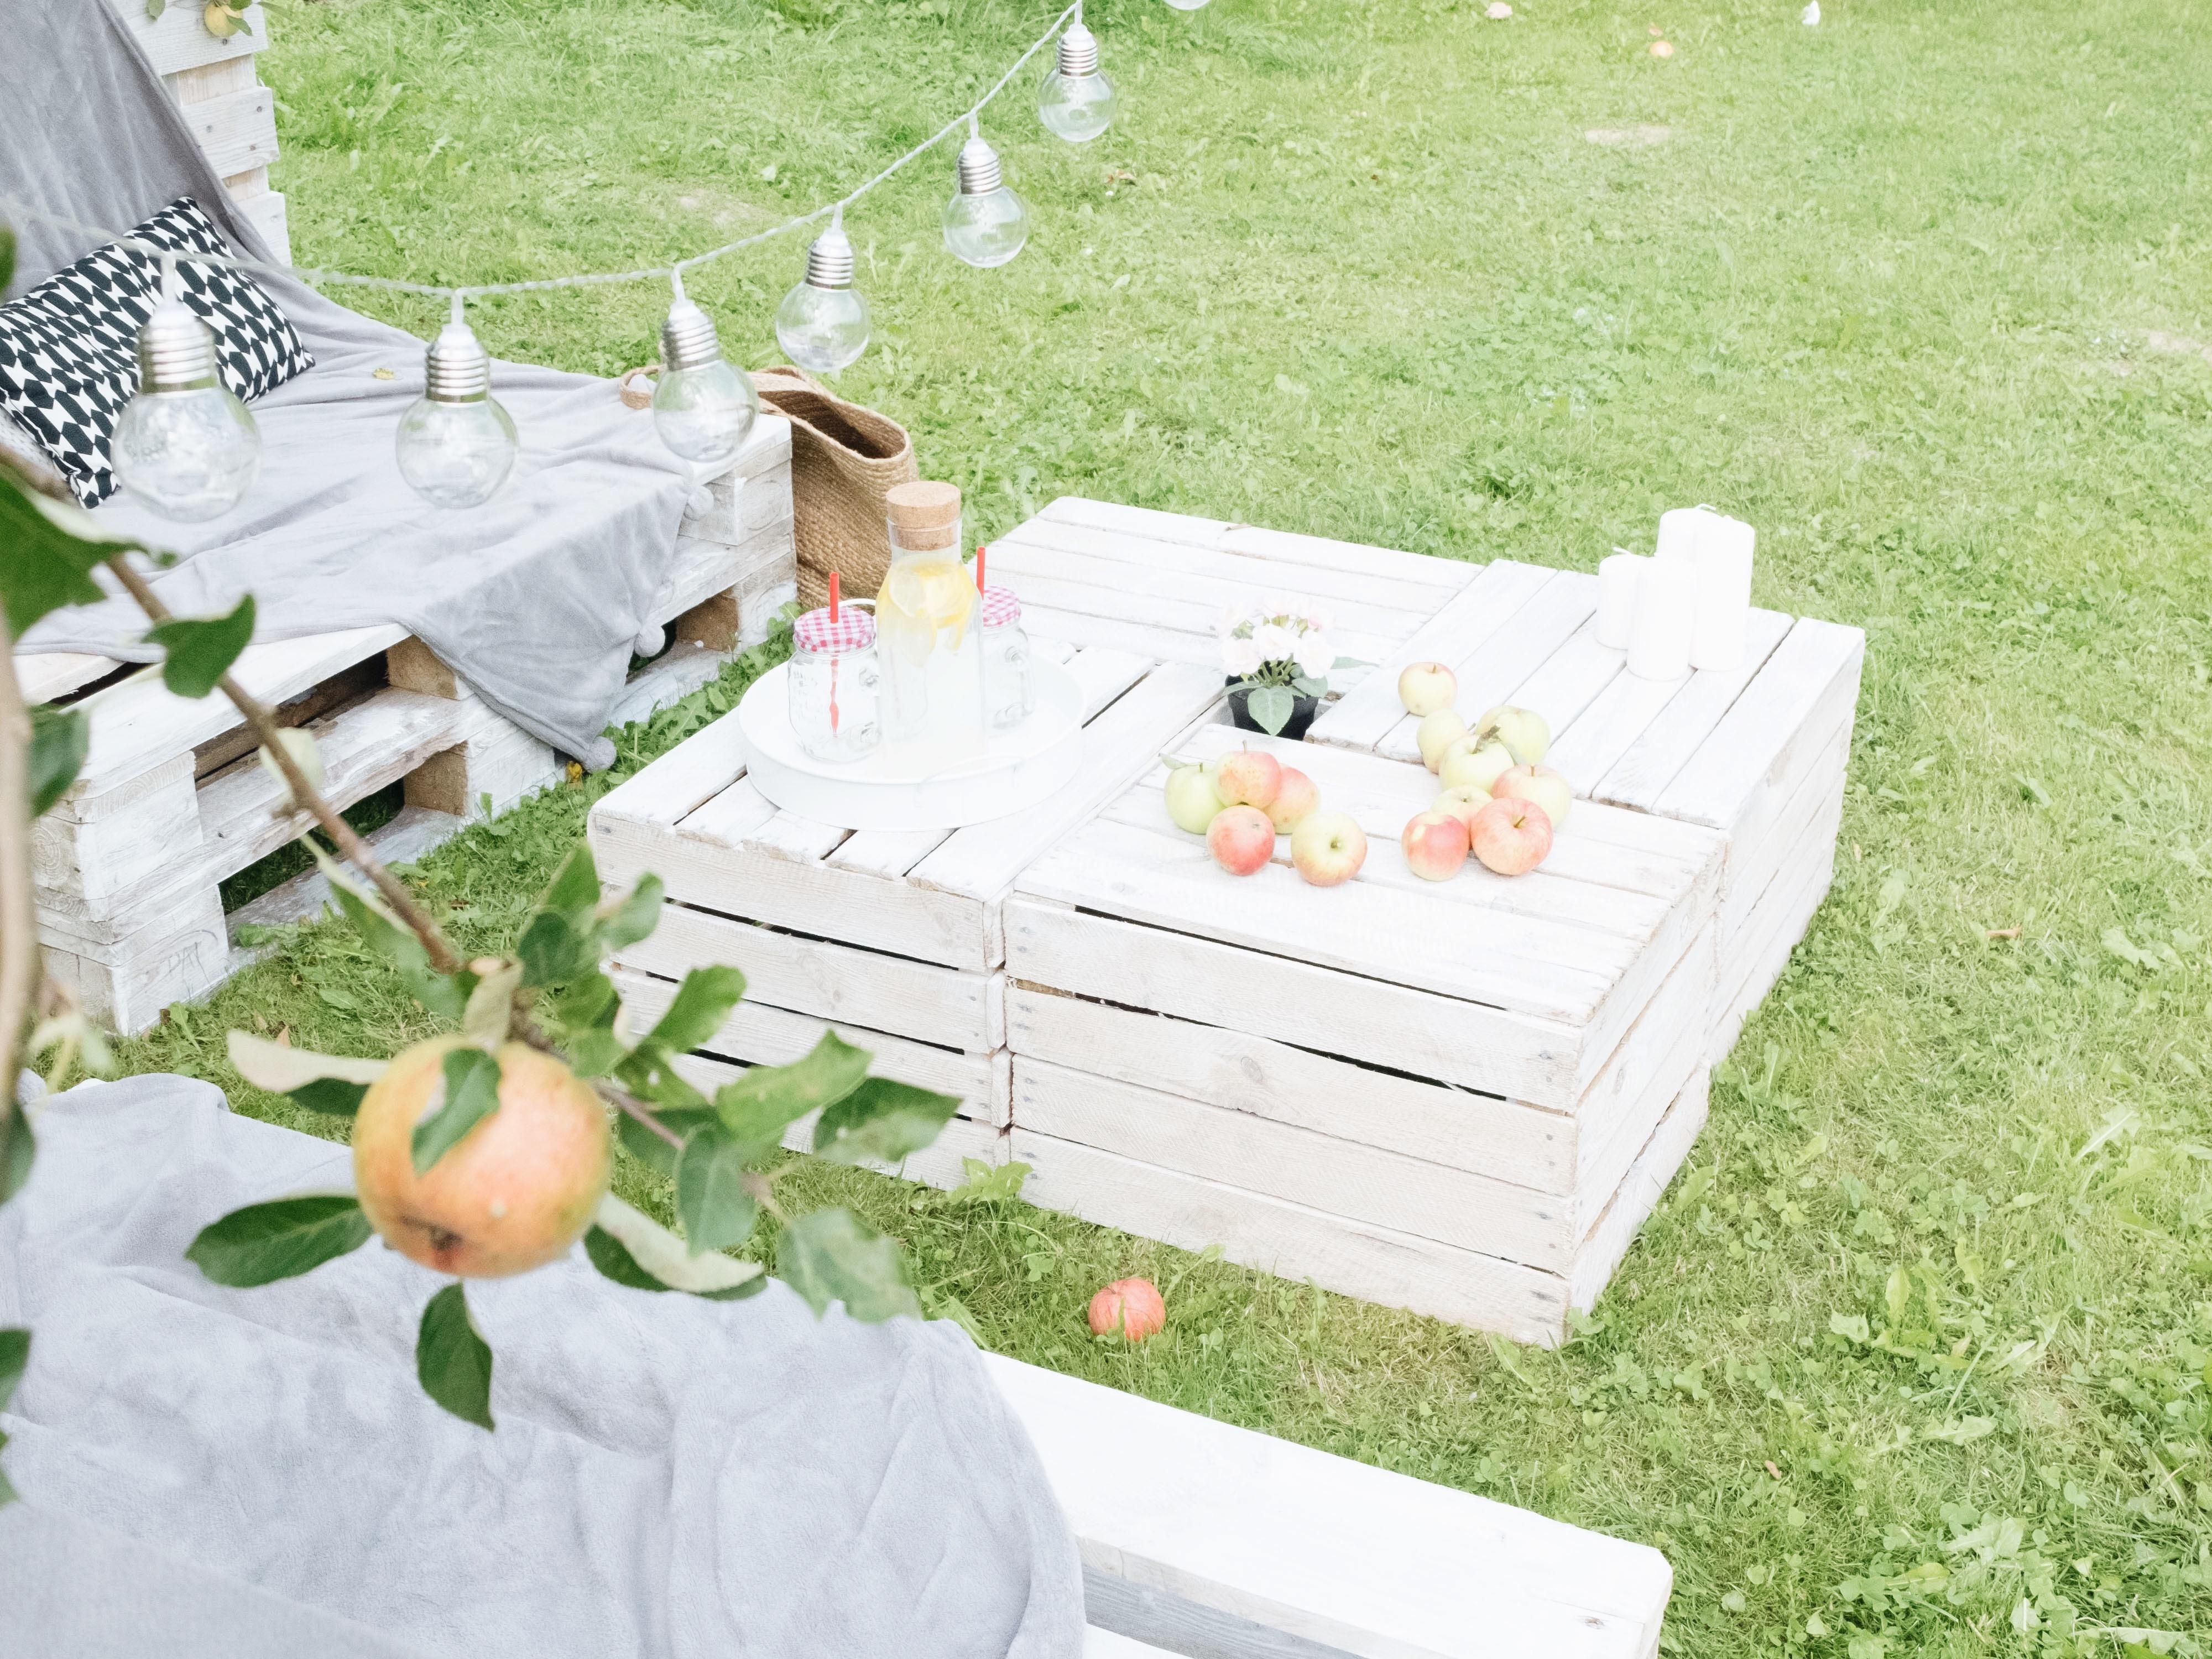 Rewelacyjny Meble ogrodowe z palet - jak zrobić? Instrukcja krok po kroku TP86